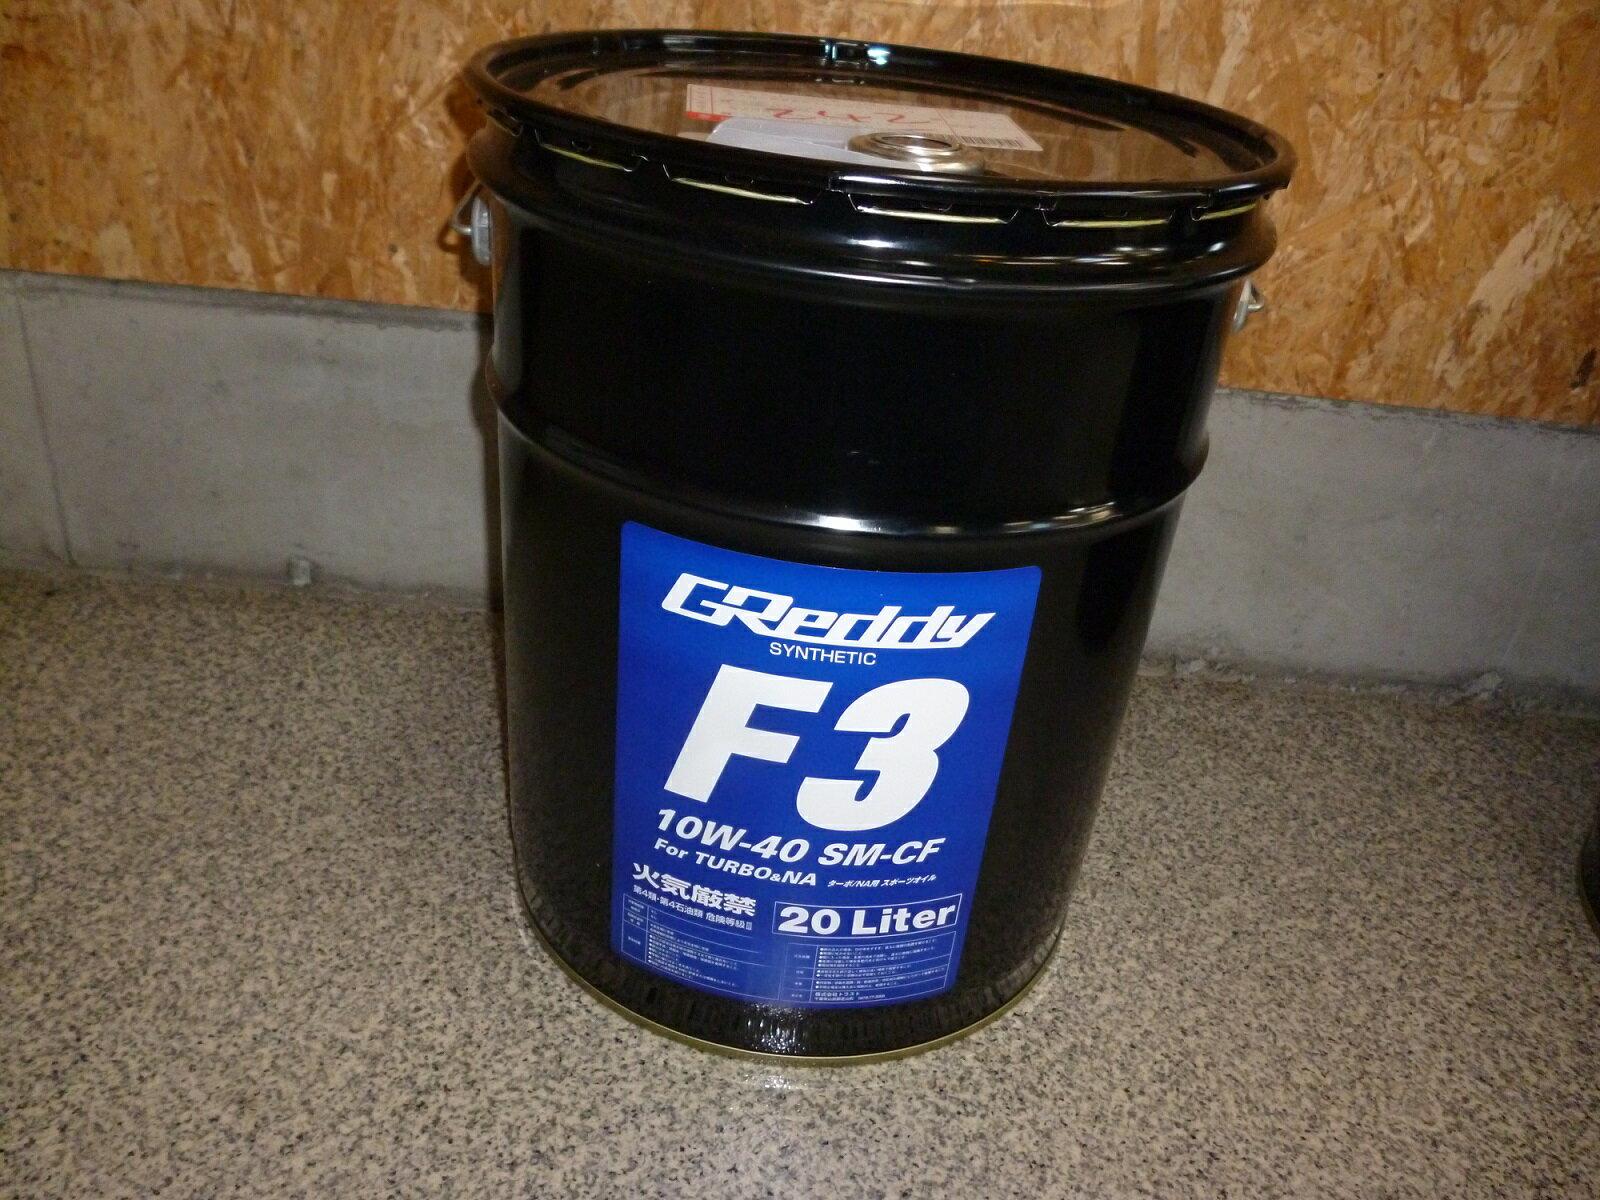 TRUST GReddy トラストF3 10W-40 20Lペール缶エンジンオイルSM-CF SYNTHETIC BASE(17501220)沖縄、離島は出荷できません。